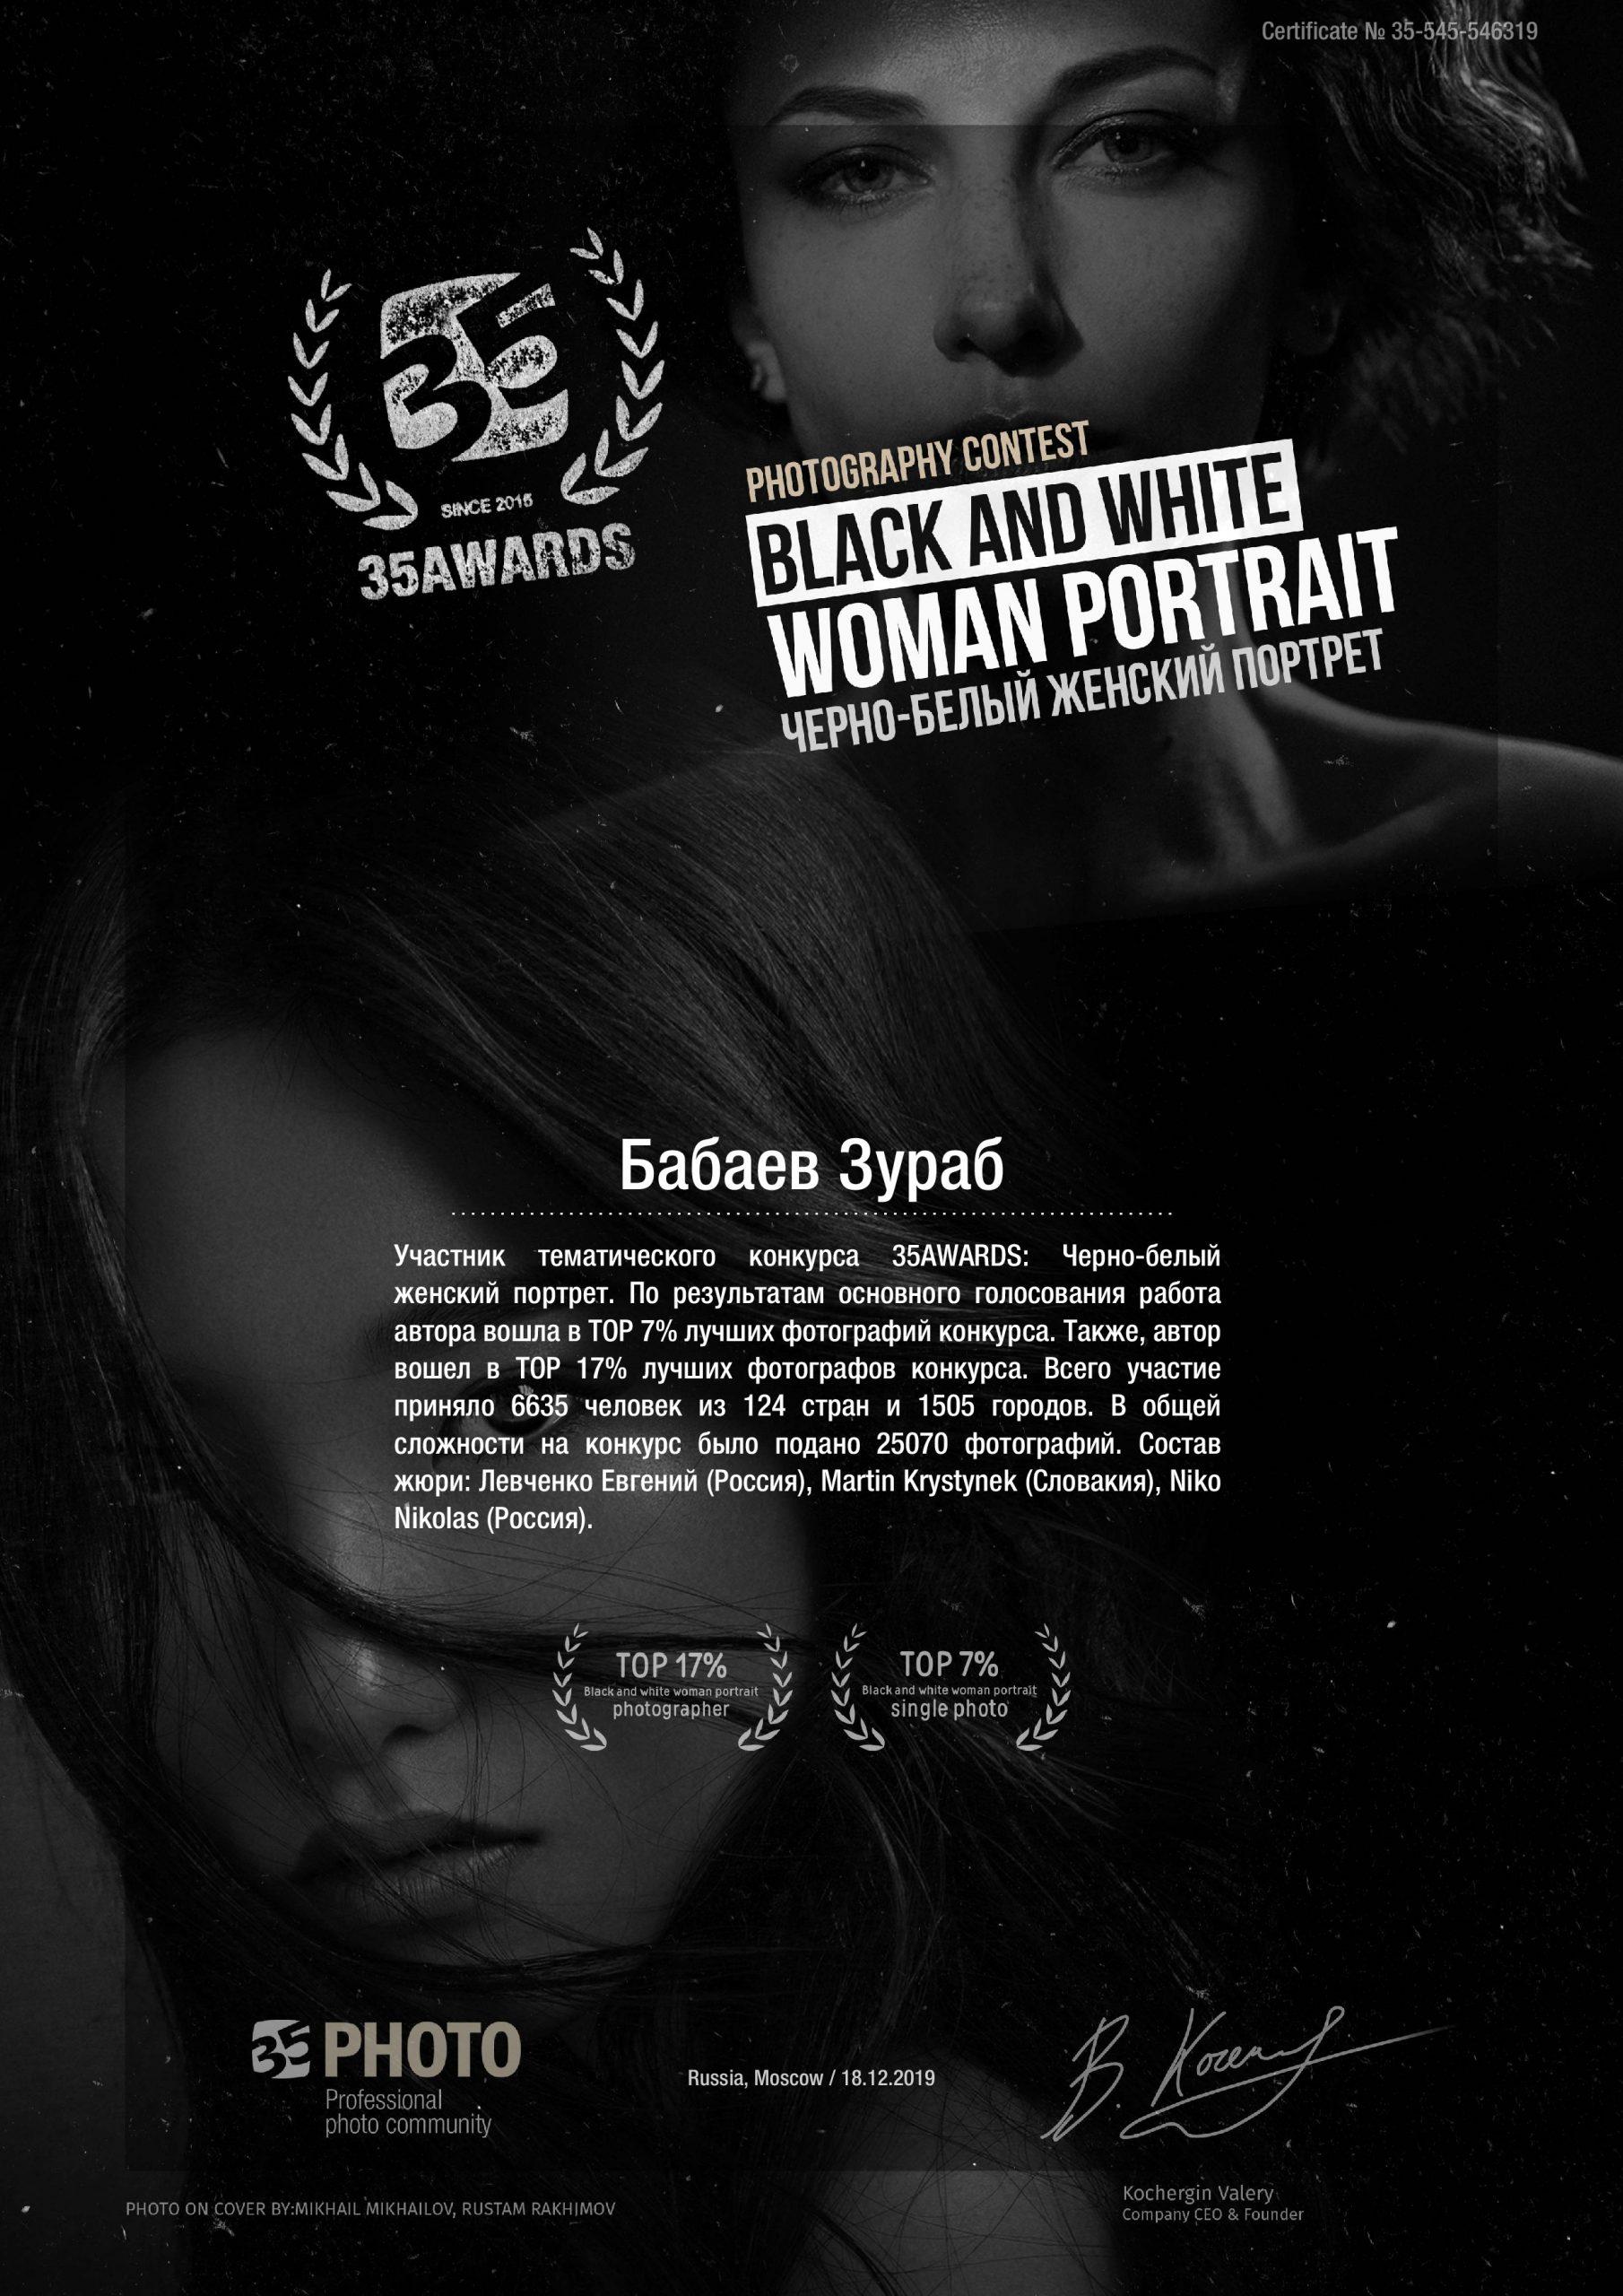 35awards Черно-белый женский портрет